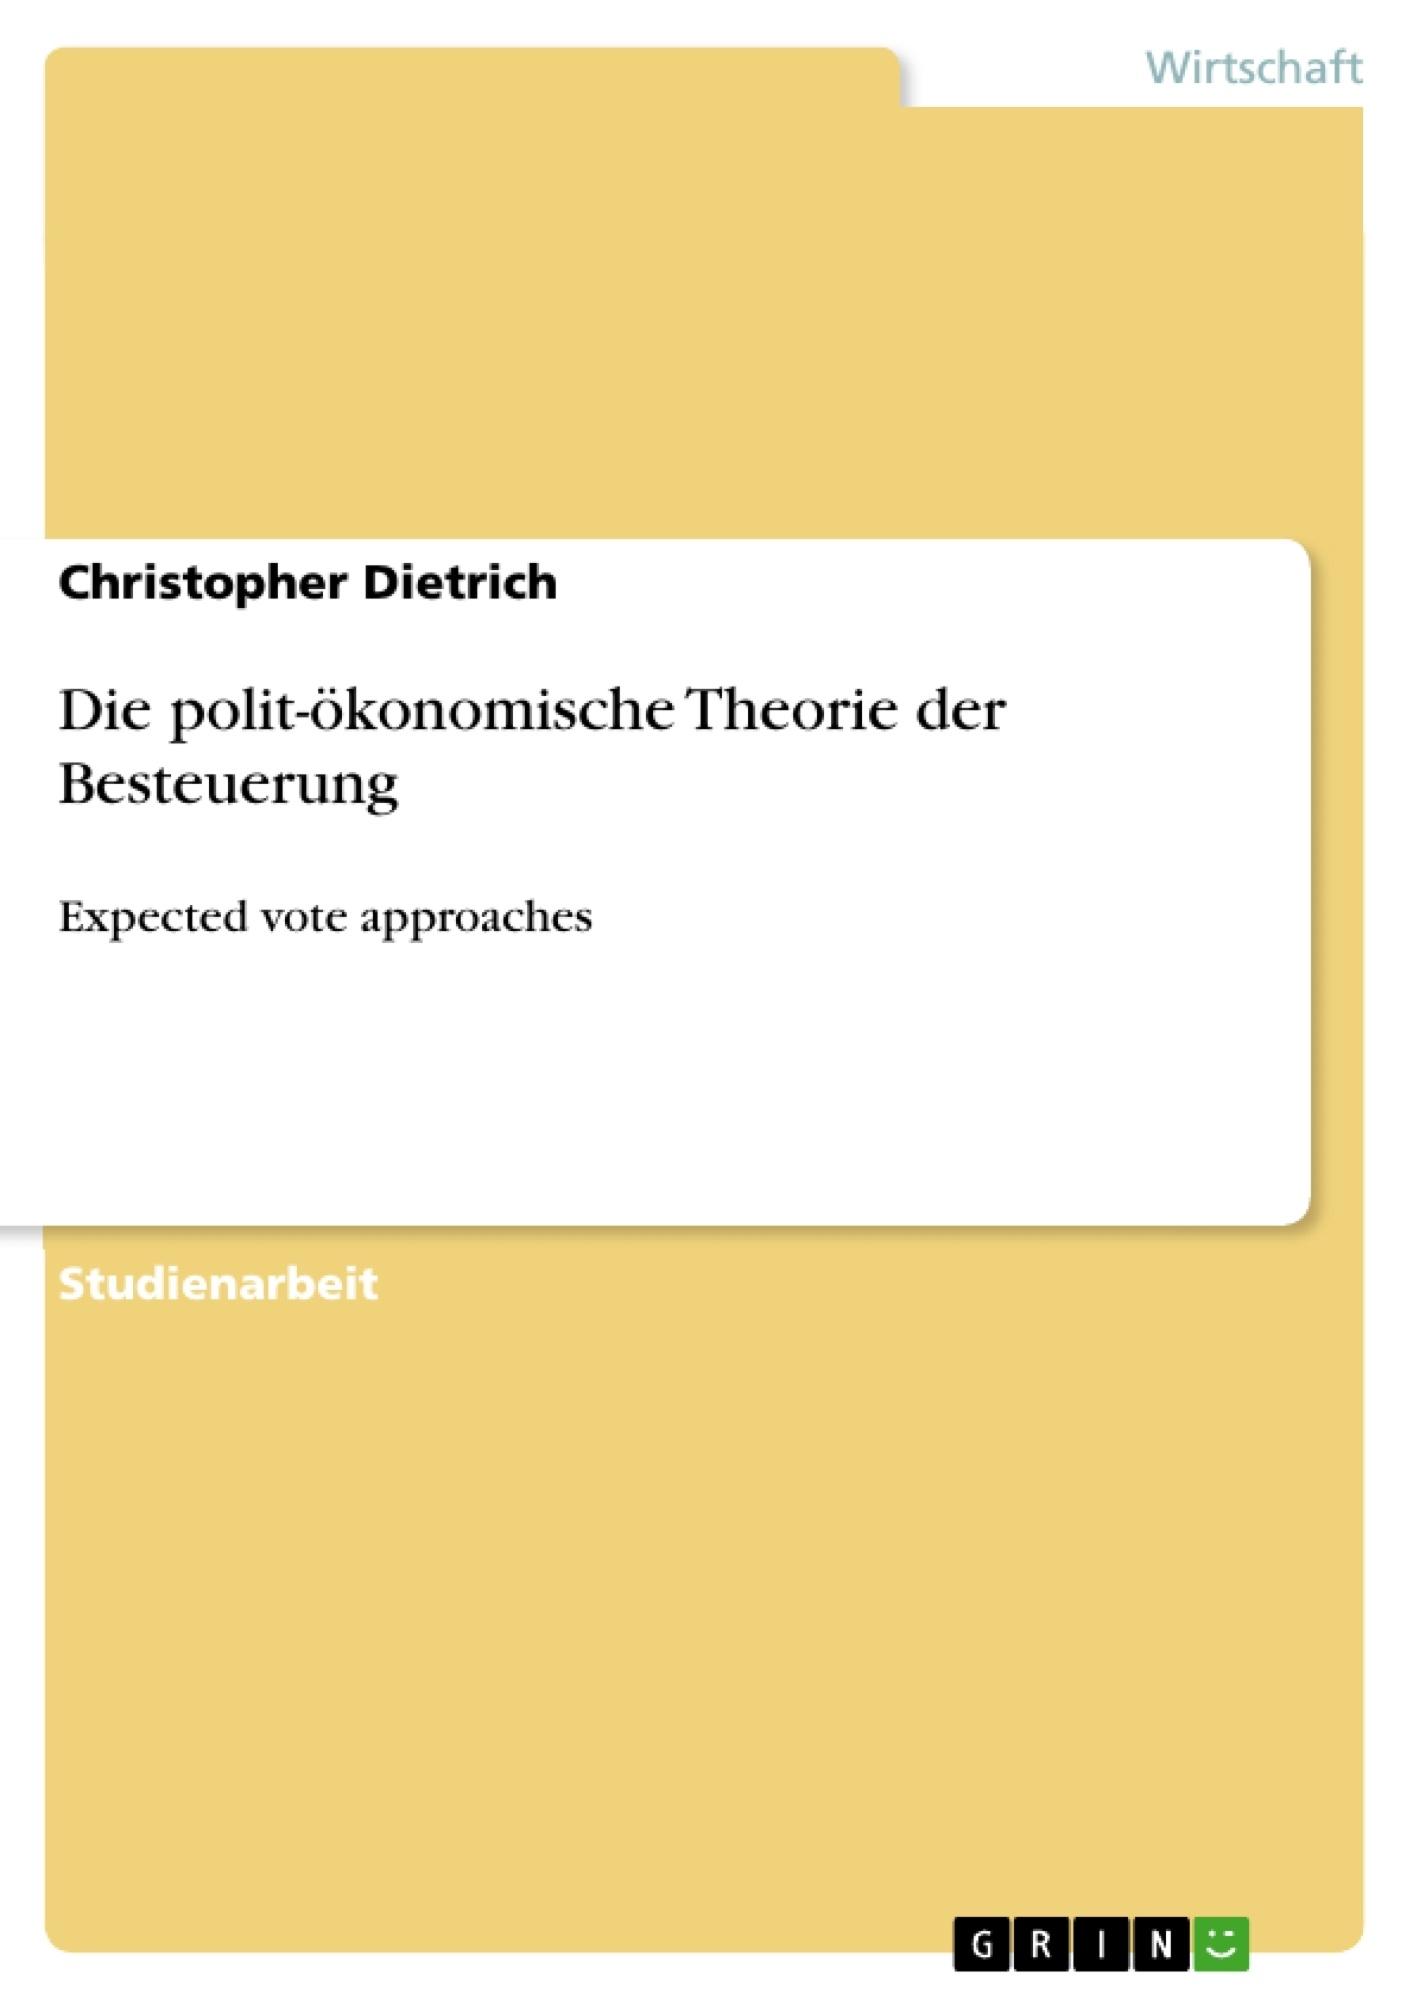 Titel: Die polit-ökonomische Theorie der Besteuerung